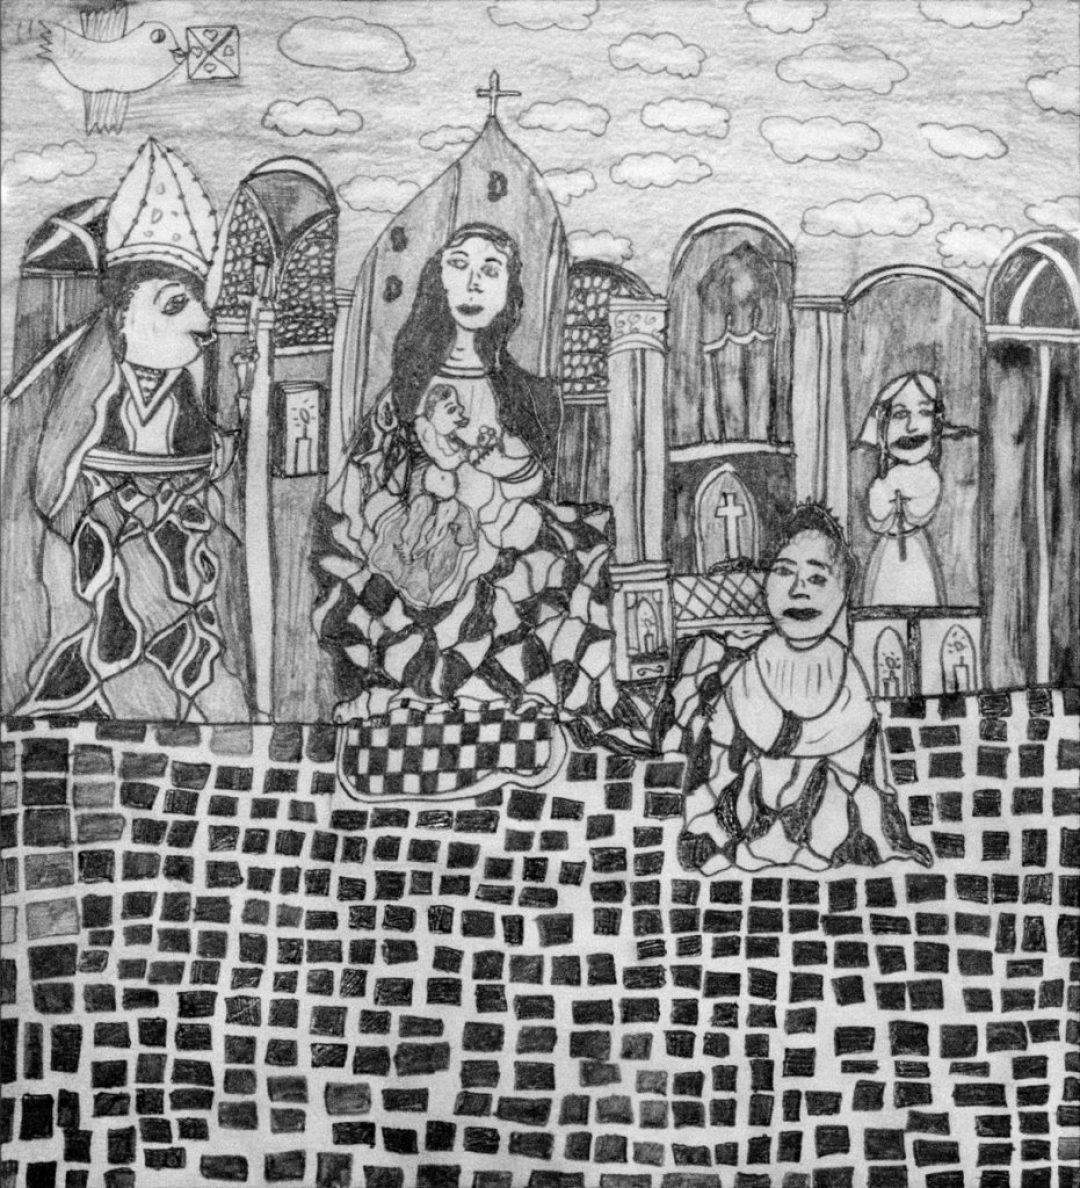 Christelle Hawkaluk, sans titre, 2006, crayon gris sur papier, 36,5 x 33 cm